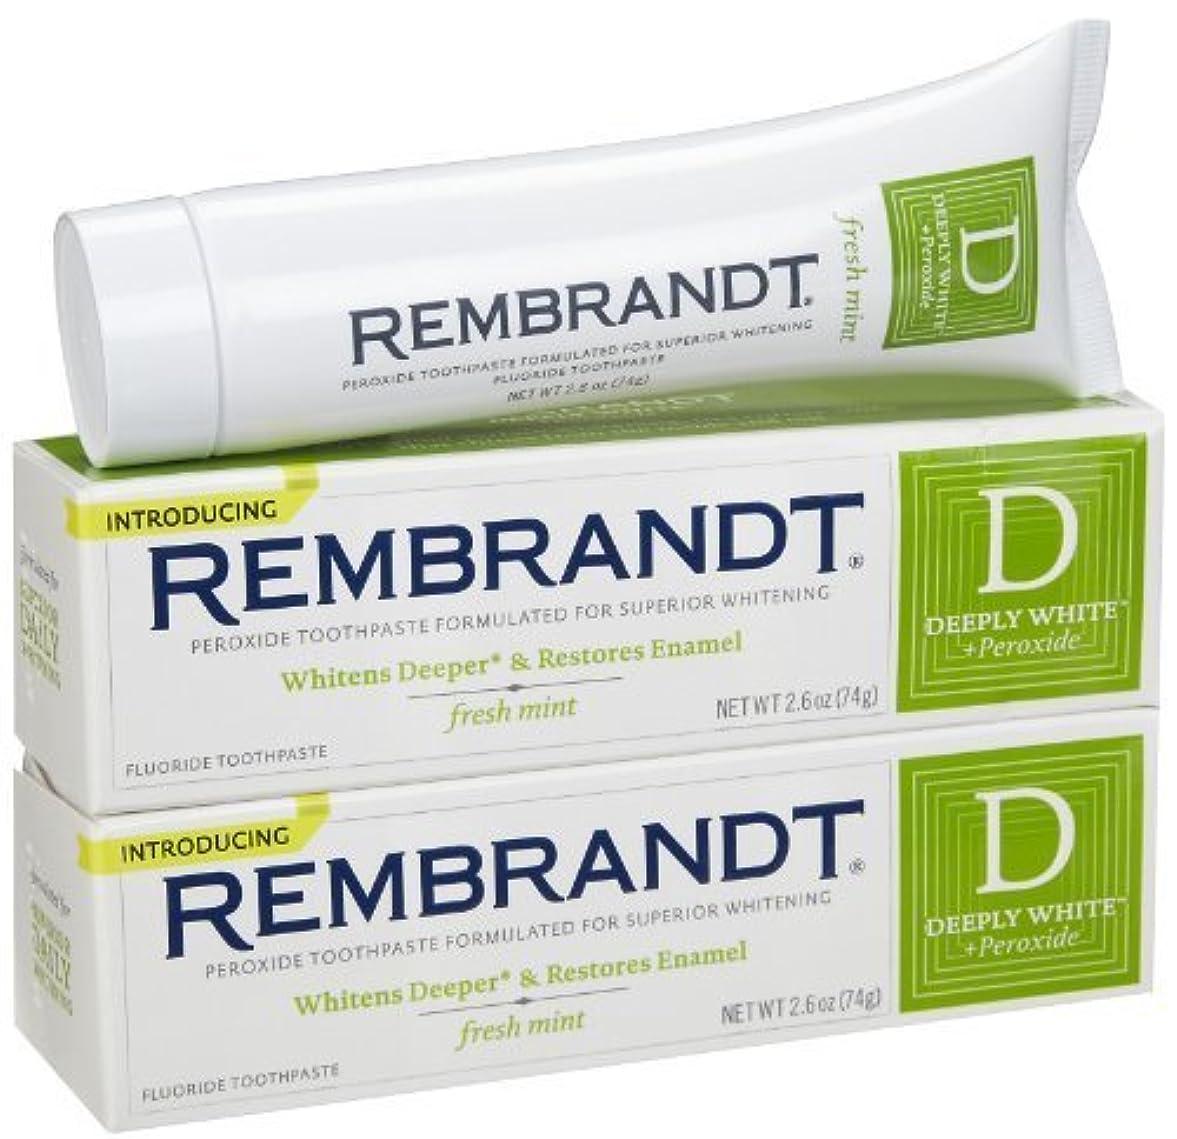 アメリカ旅行代理店より多いRembrandt Fluoride Toothpaste, Mint - 2.6 oz - 2 pk [並行輸入品]